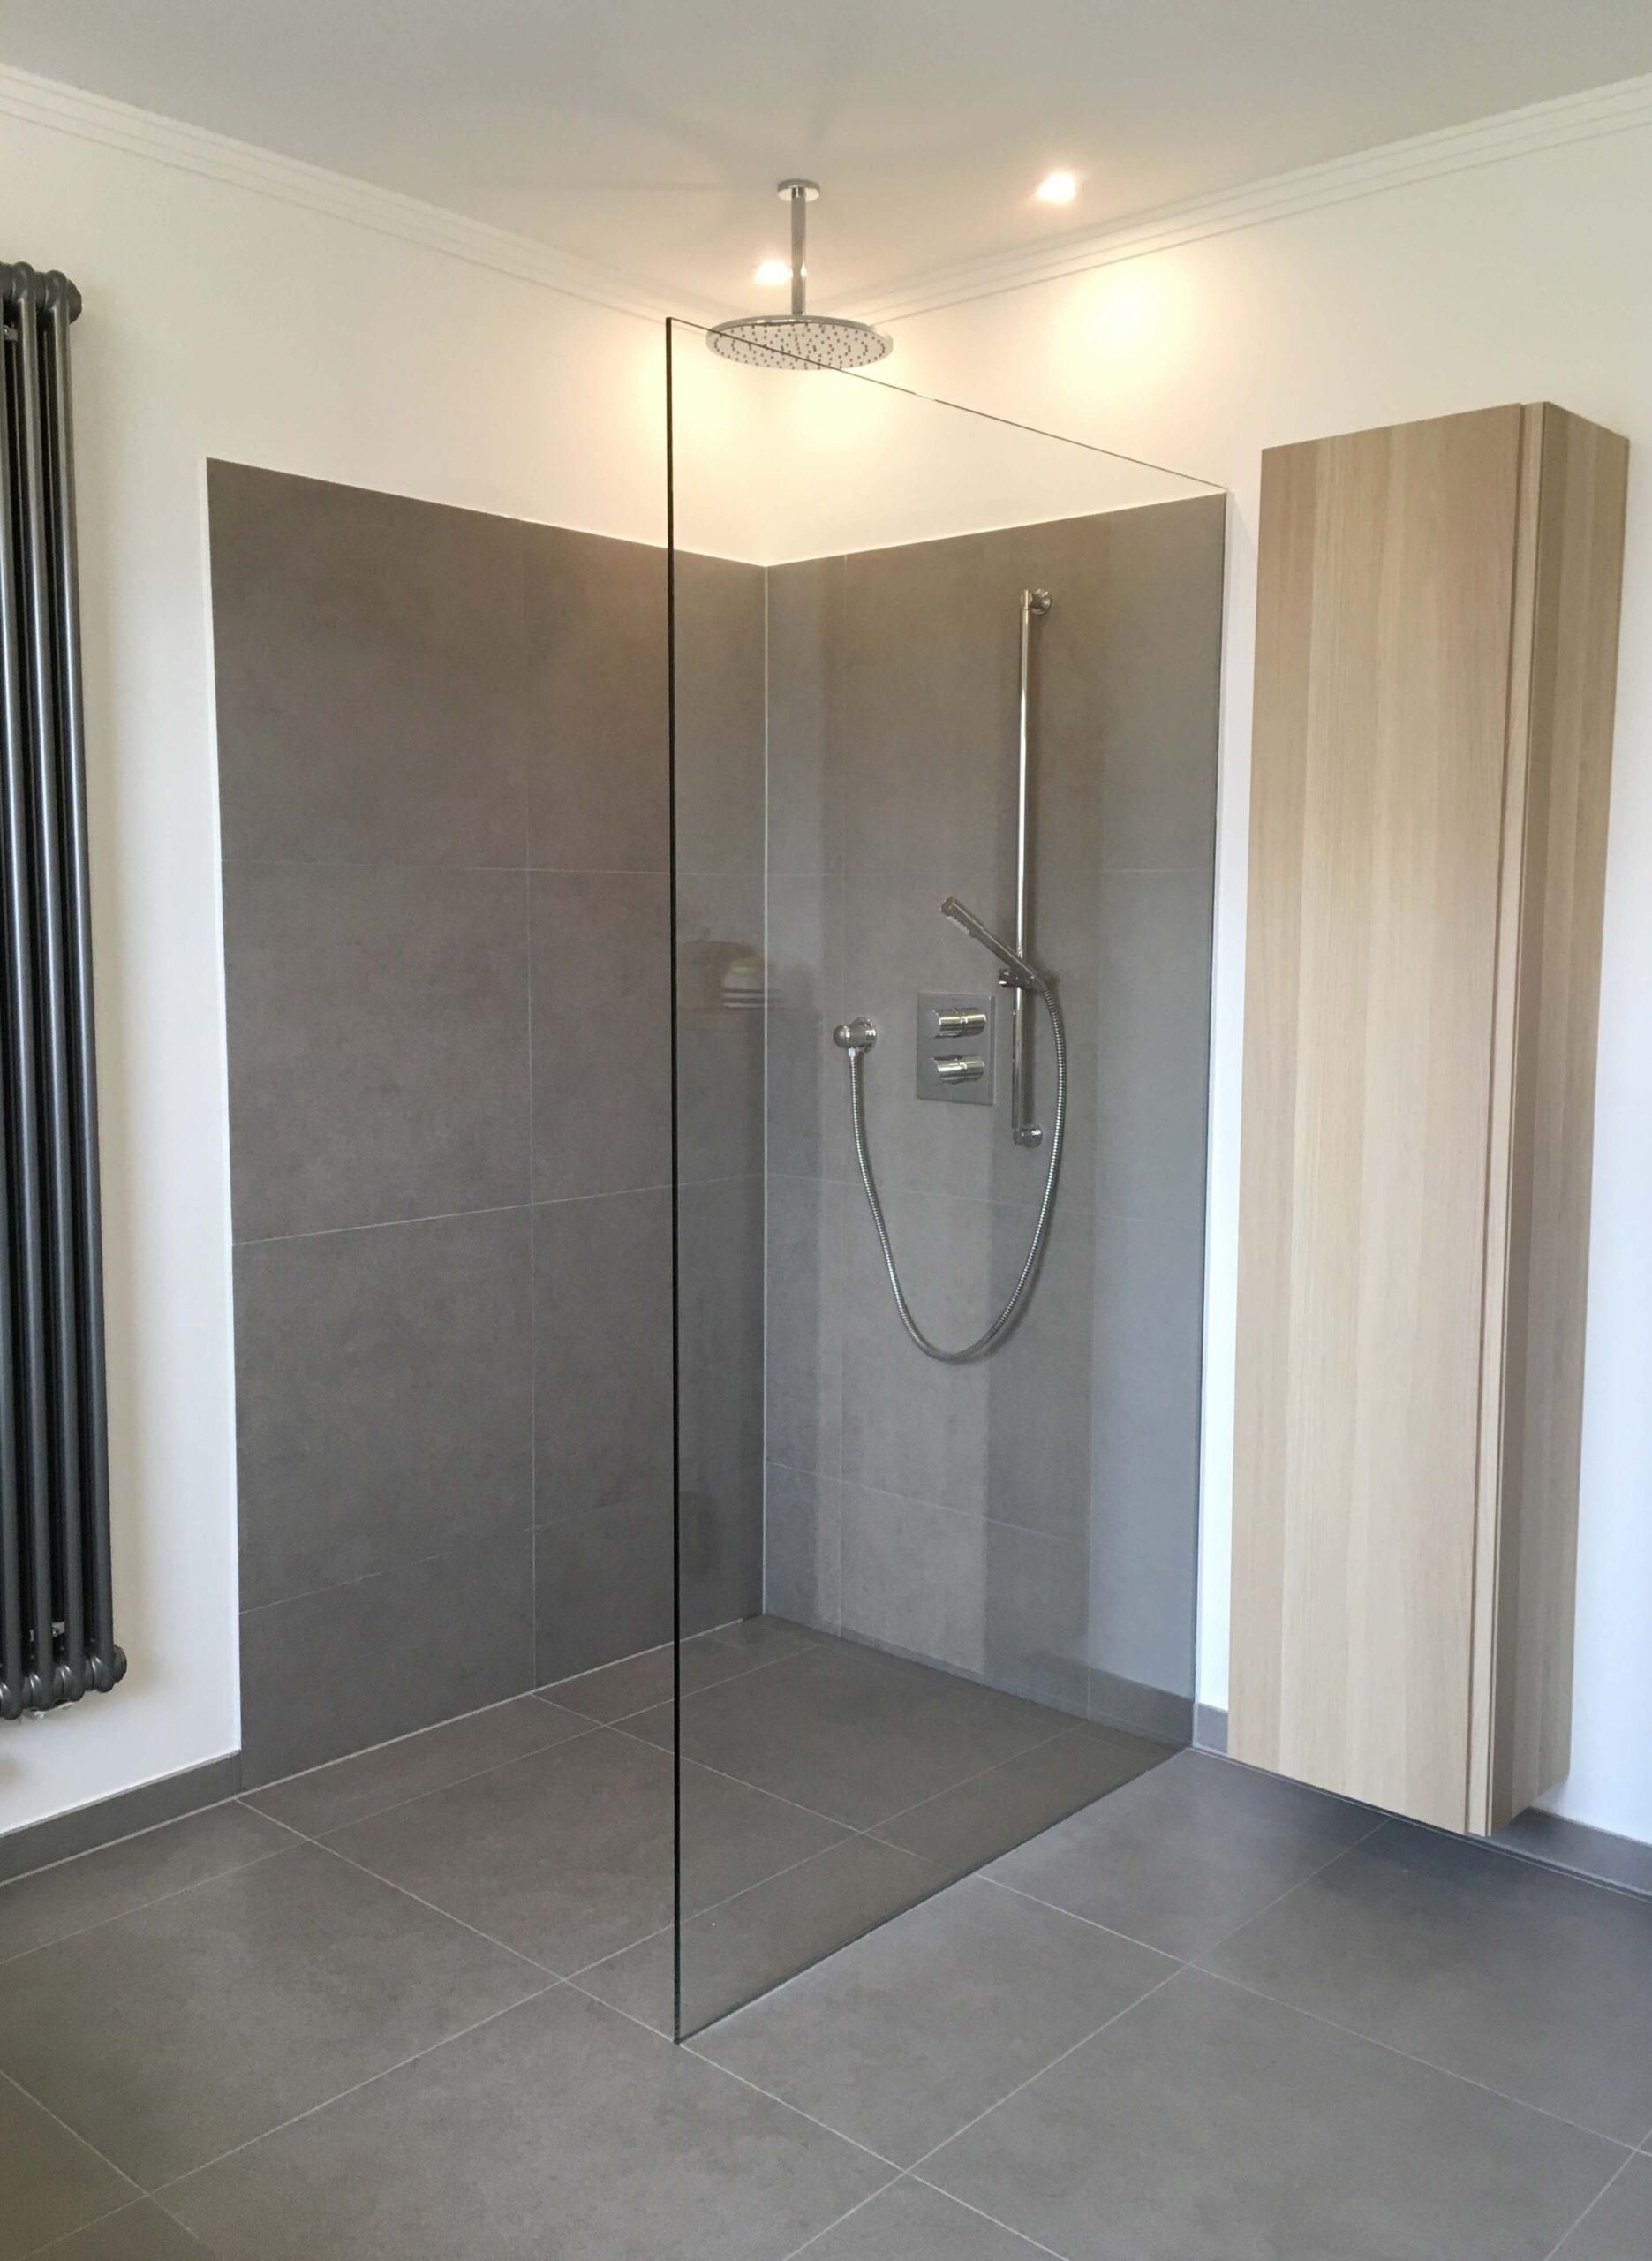 Full Size of Rainshower Dusche Ebenerdig Grau Fliesen Glasabtrennung Mit Sprinz Duschen Bodengleiche Schulte Werksverkauf Einhebelmischer Komplett Set Ebenerdige Kaufen Dusche Rainshower Dusche